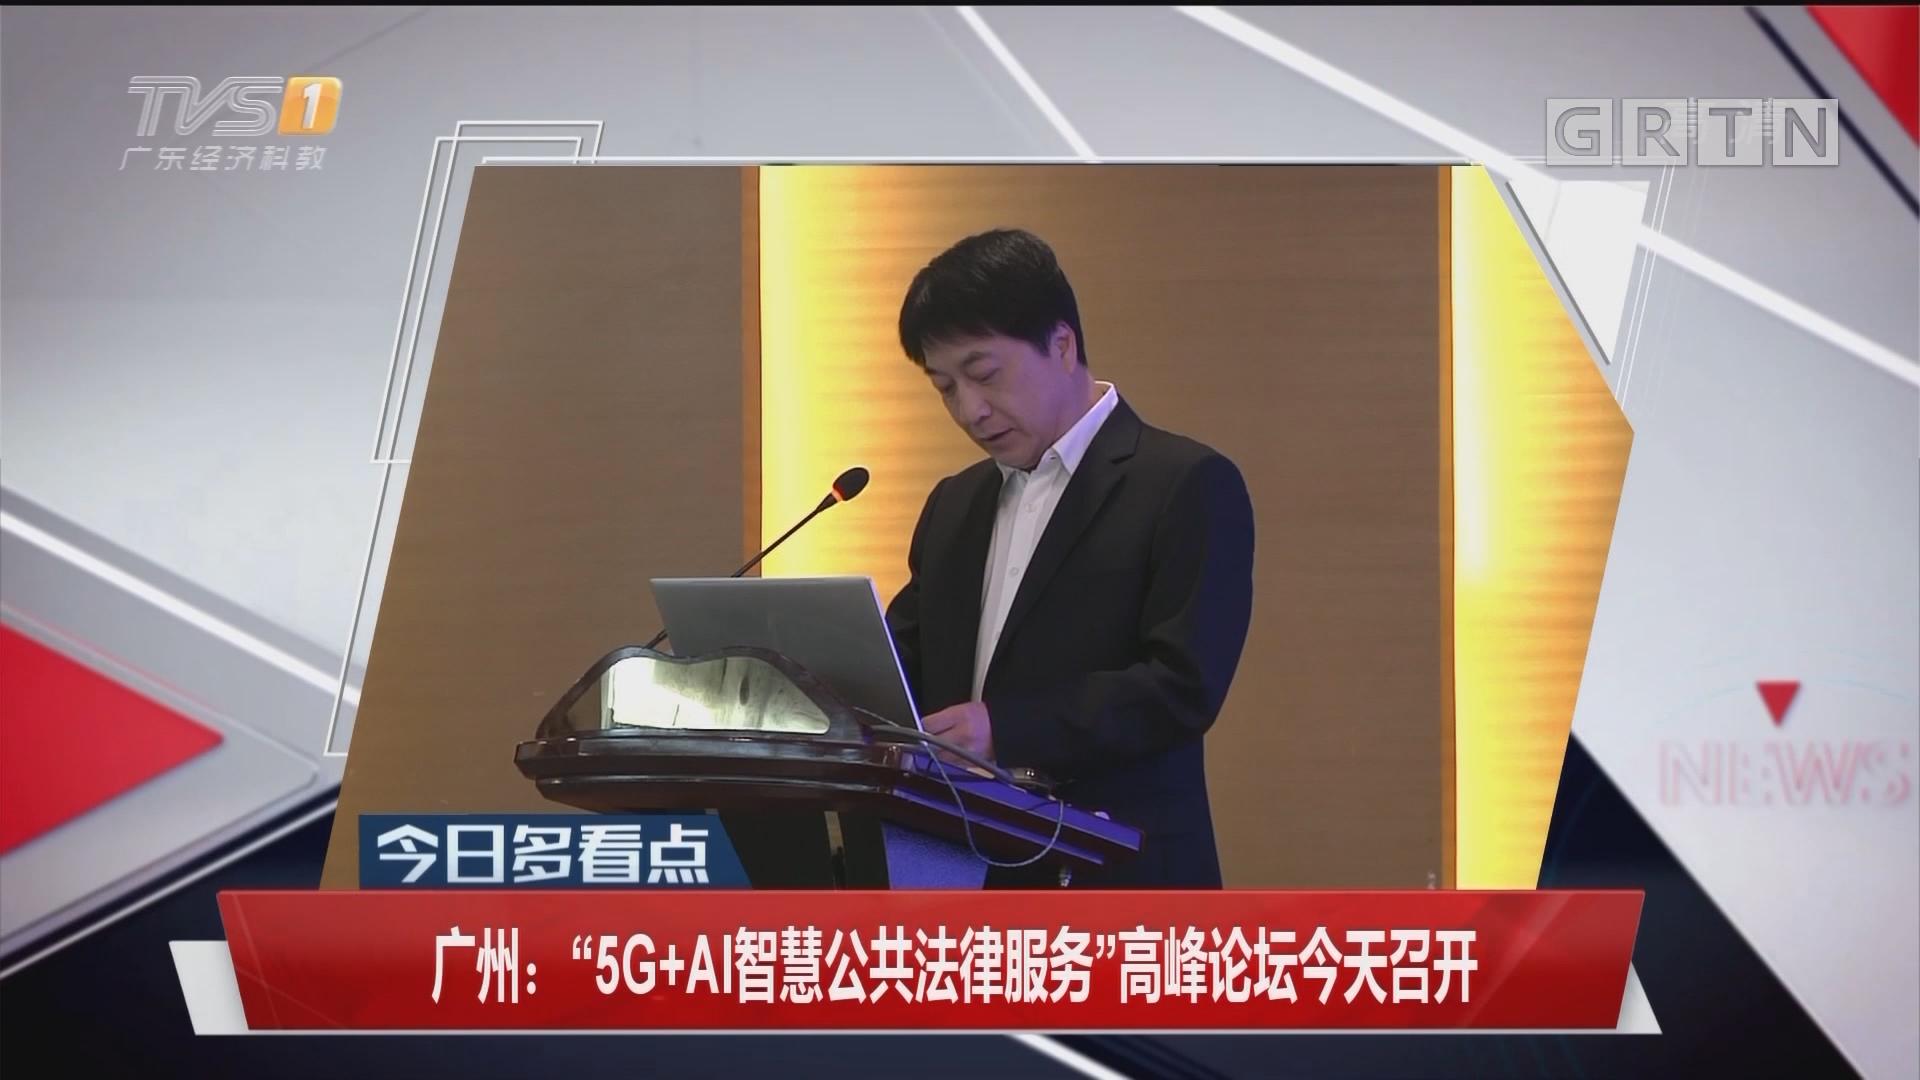 """广州:""""5G+AI智慧公共法律服务""""高峰论坛今天召开"""